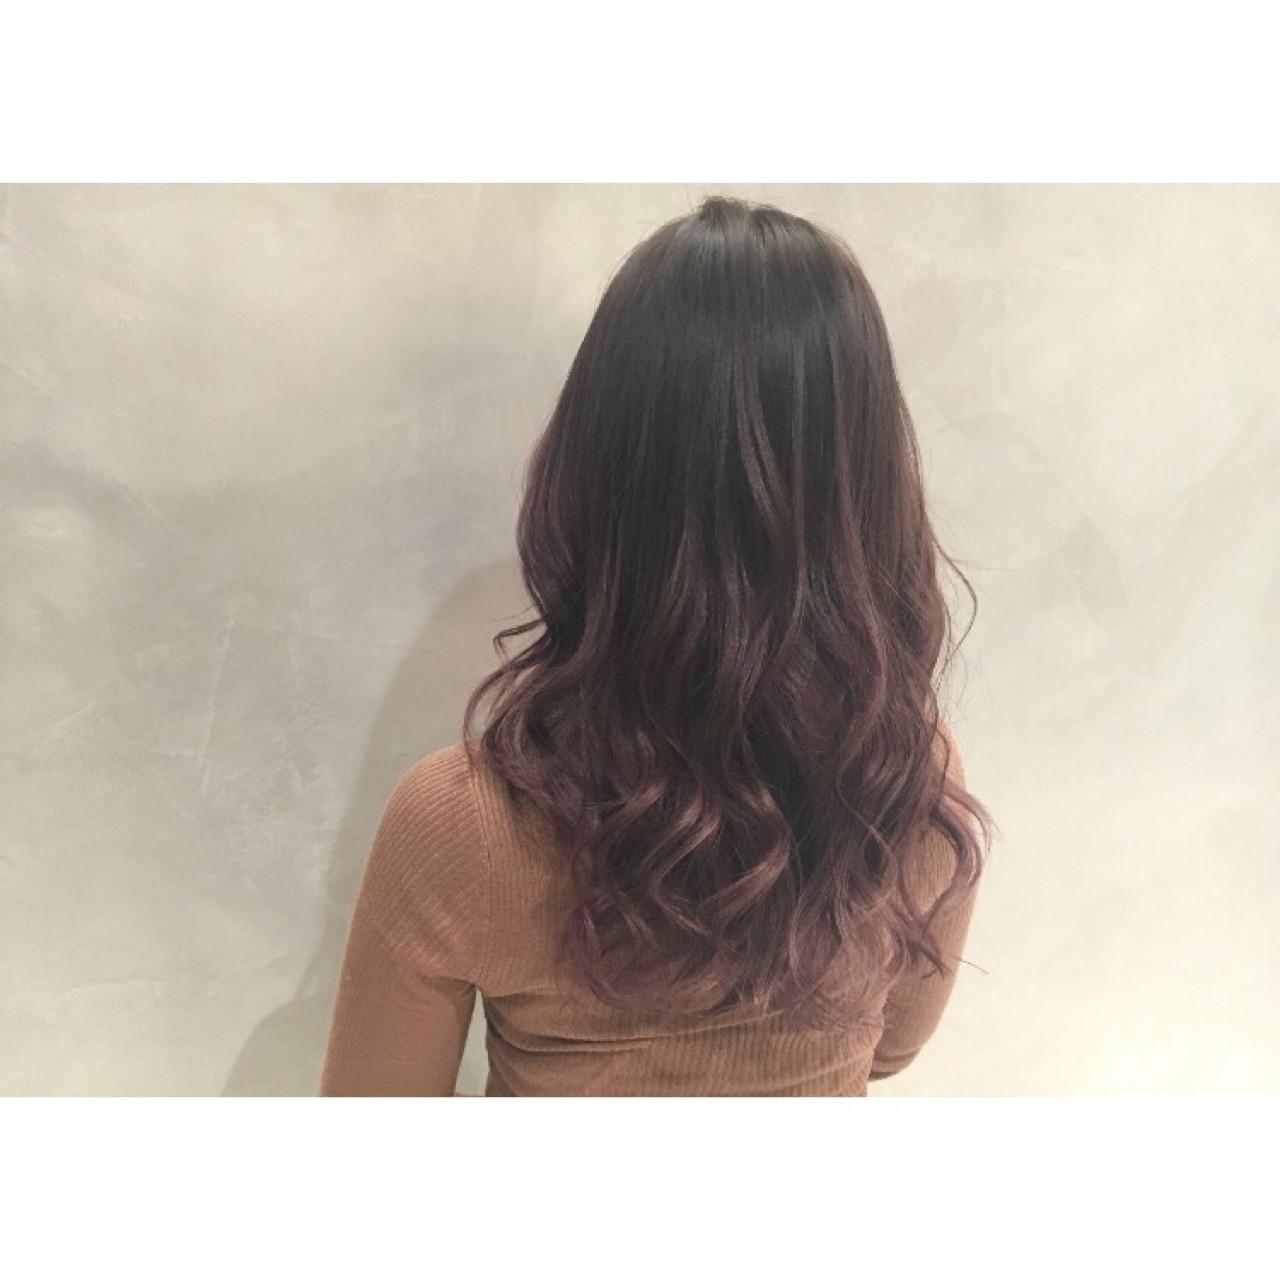 バレイヤージュ ハイライト エレガント 上品ヘアスタイルや髪型の写真・画像